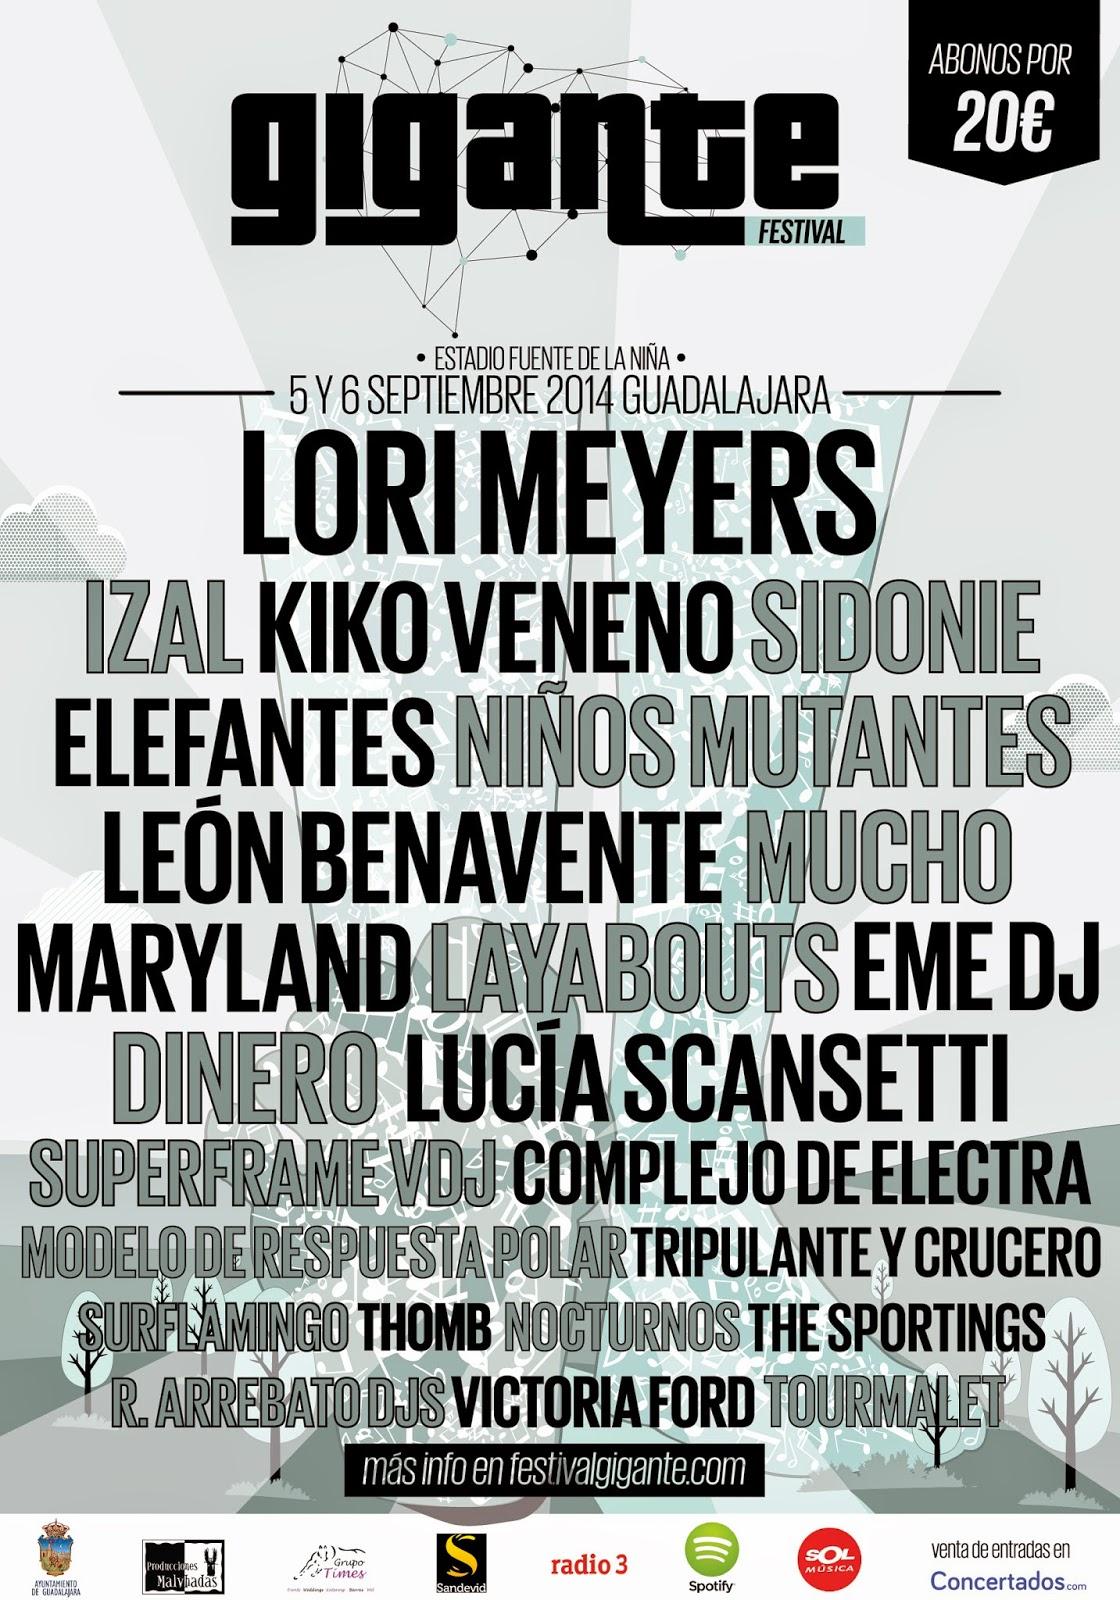 http://www.festivalgigante.com/